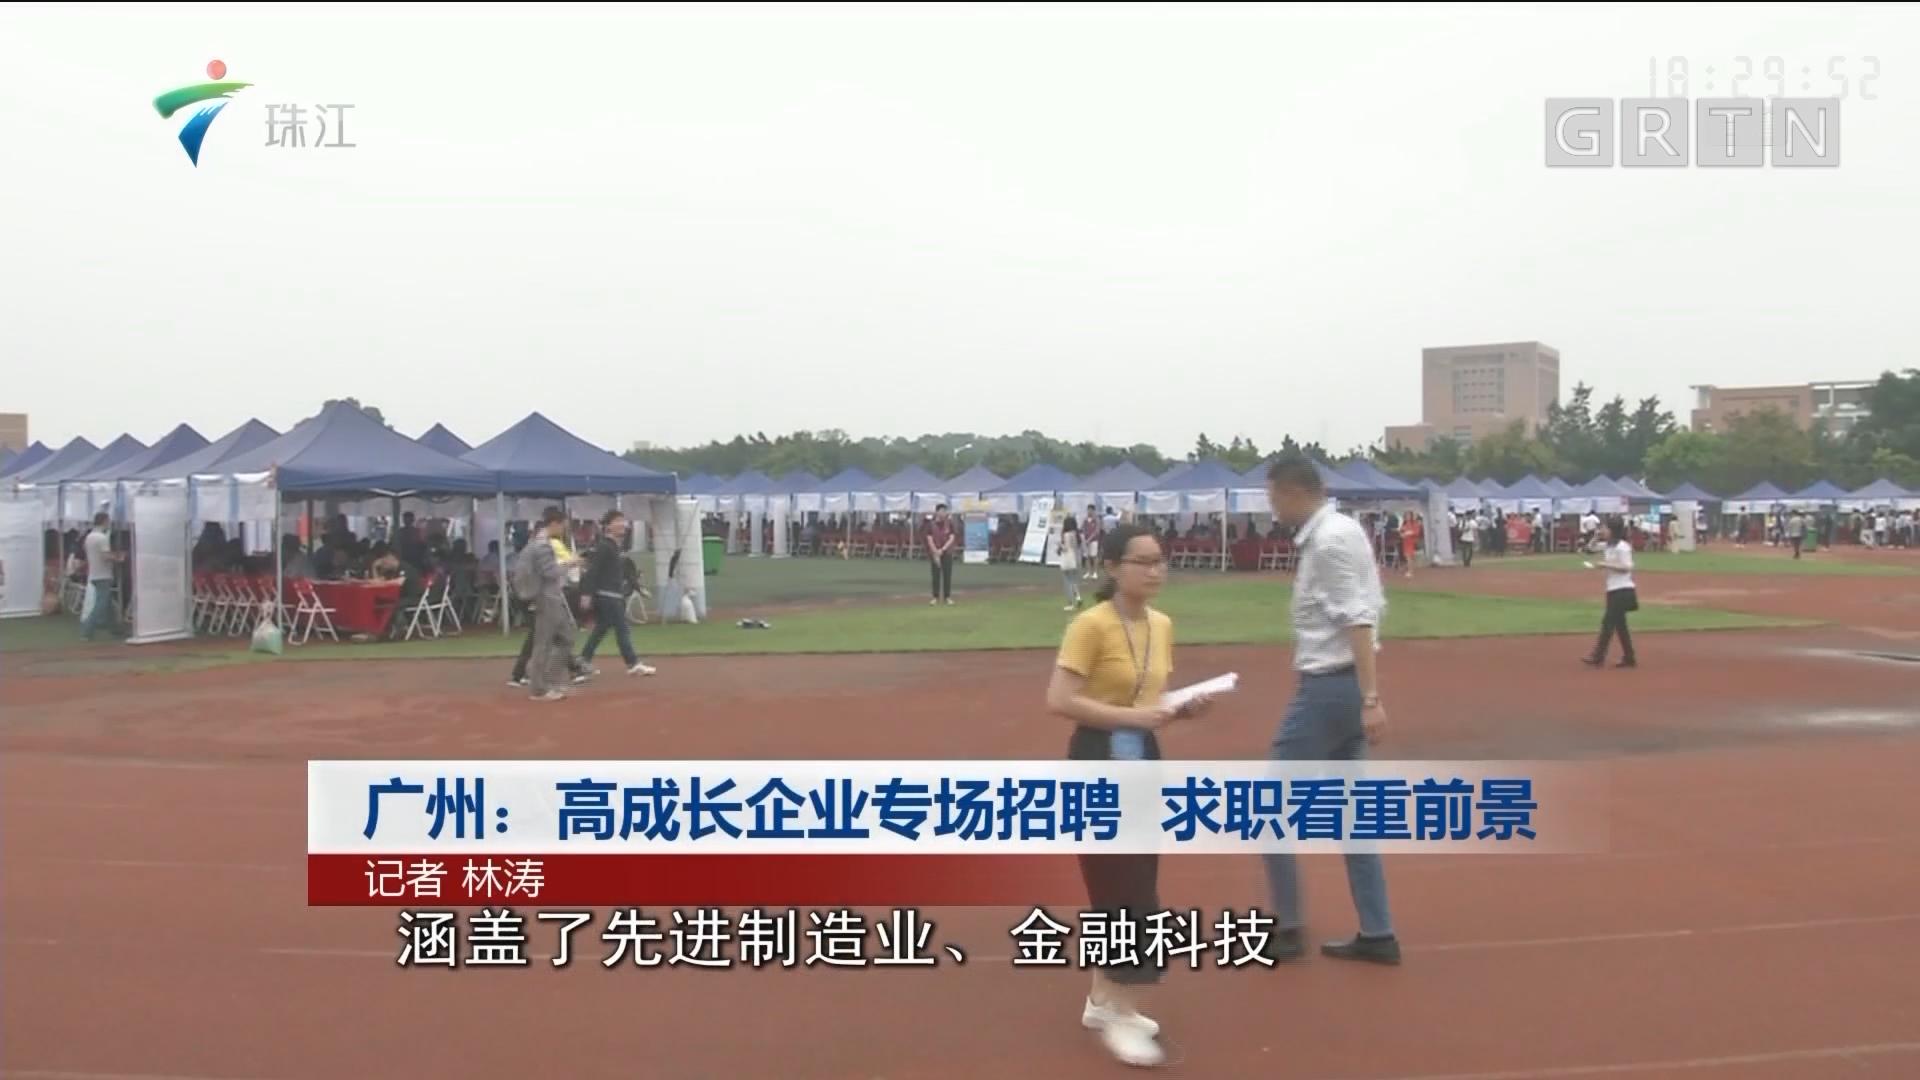 广州:高成长企业专场招聘 求职看重前景